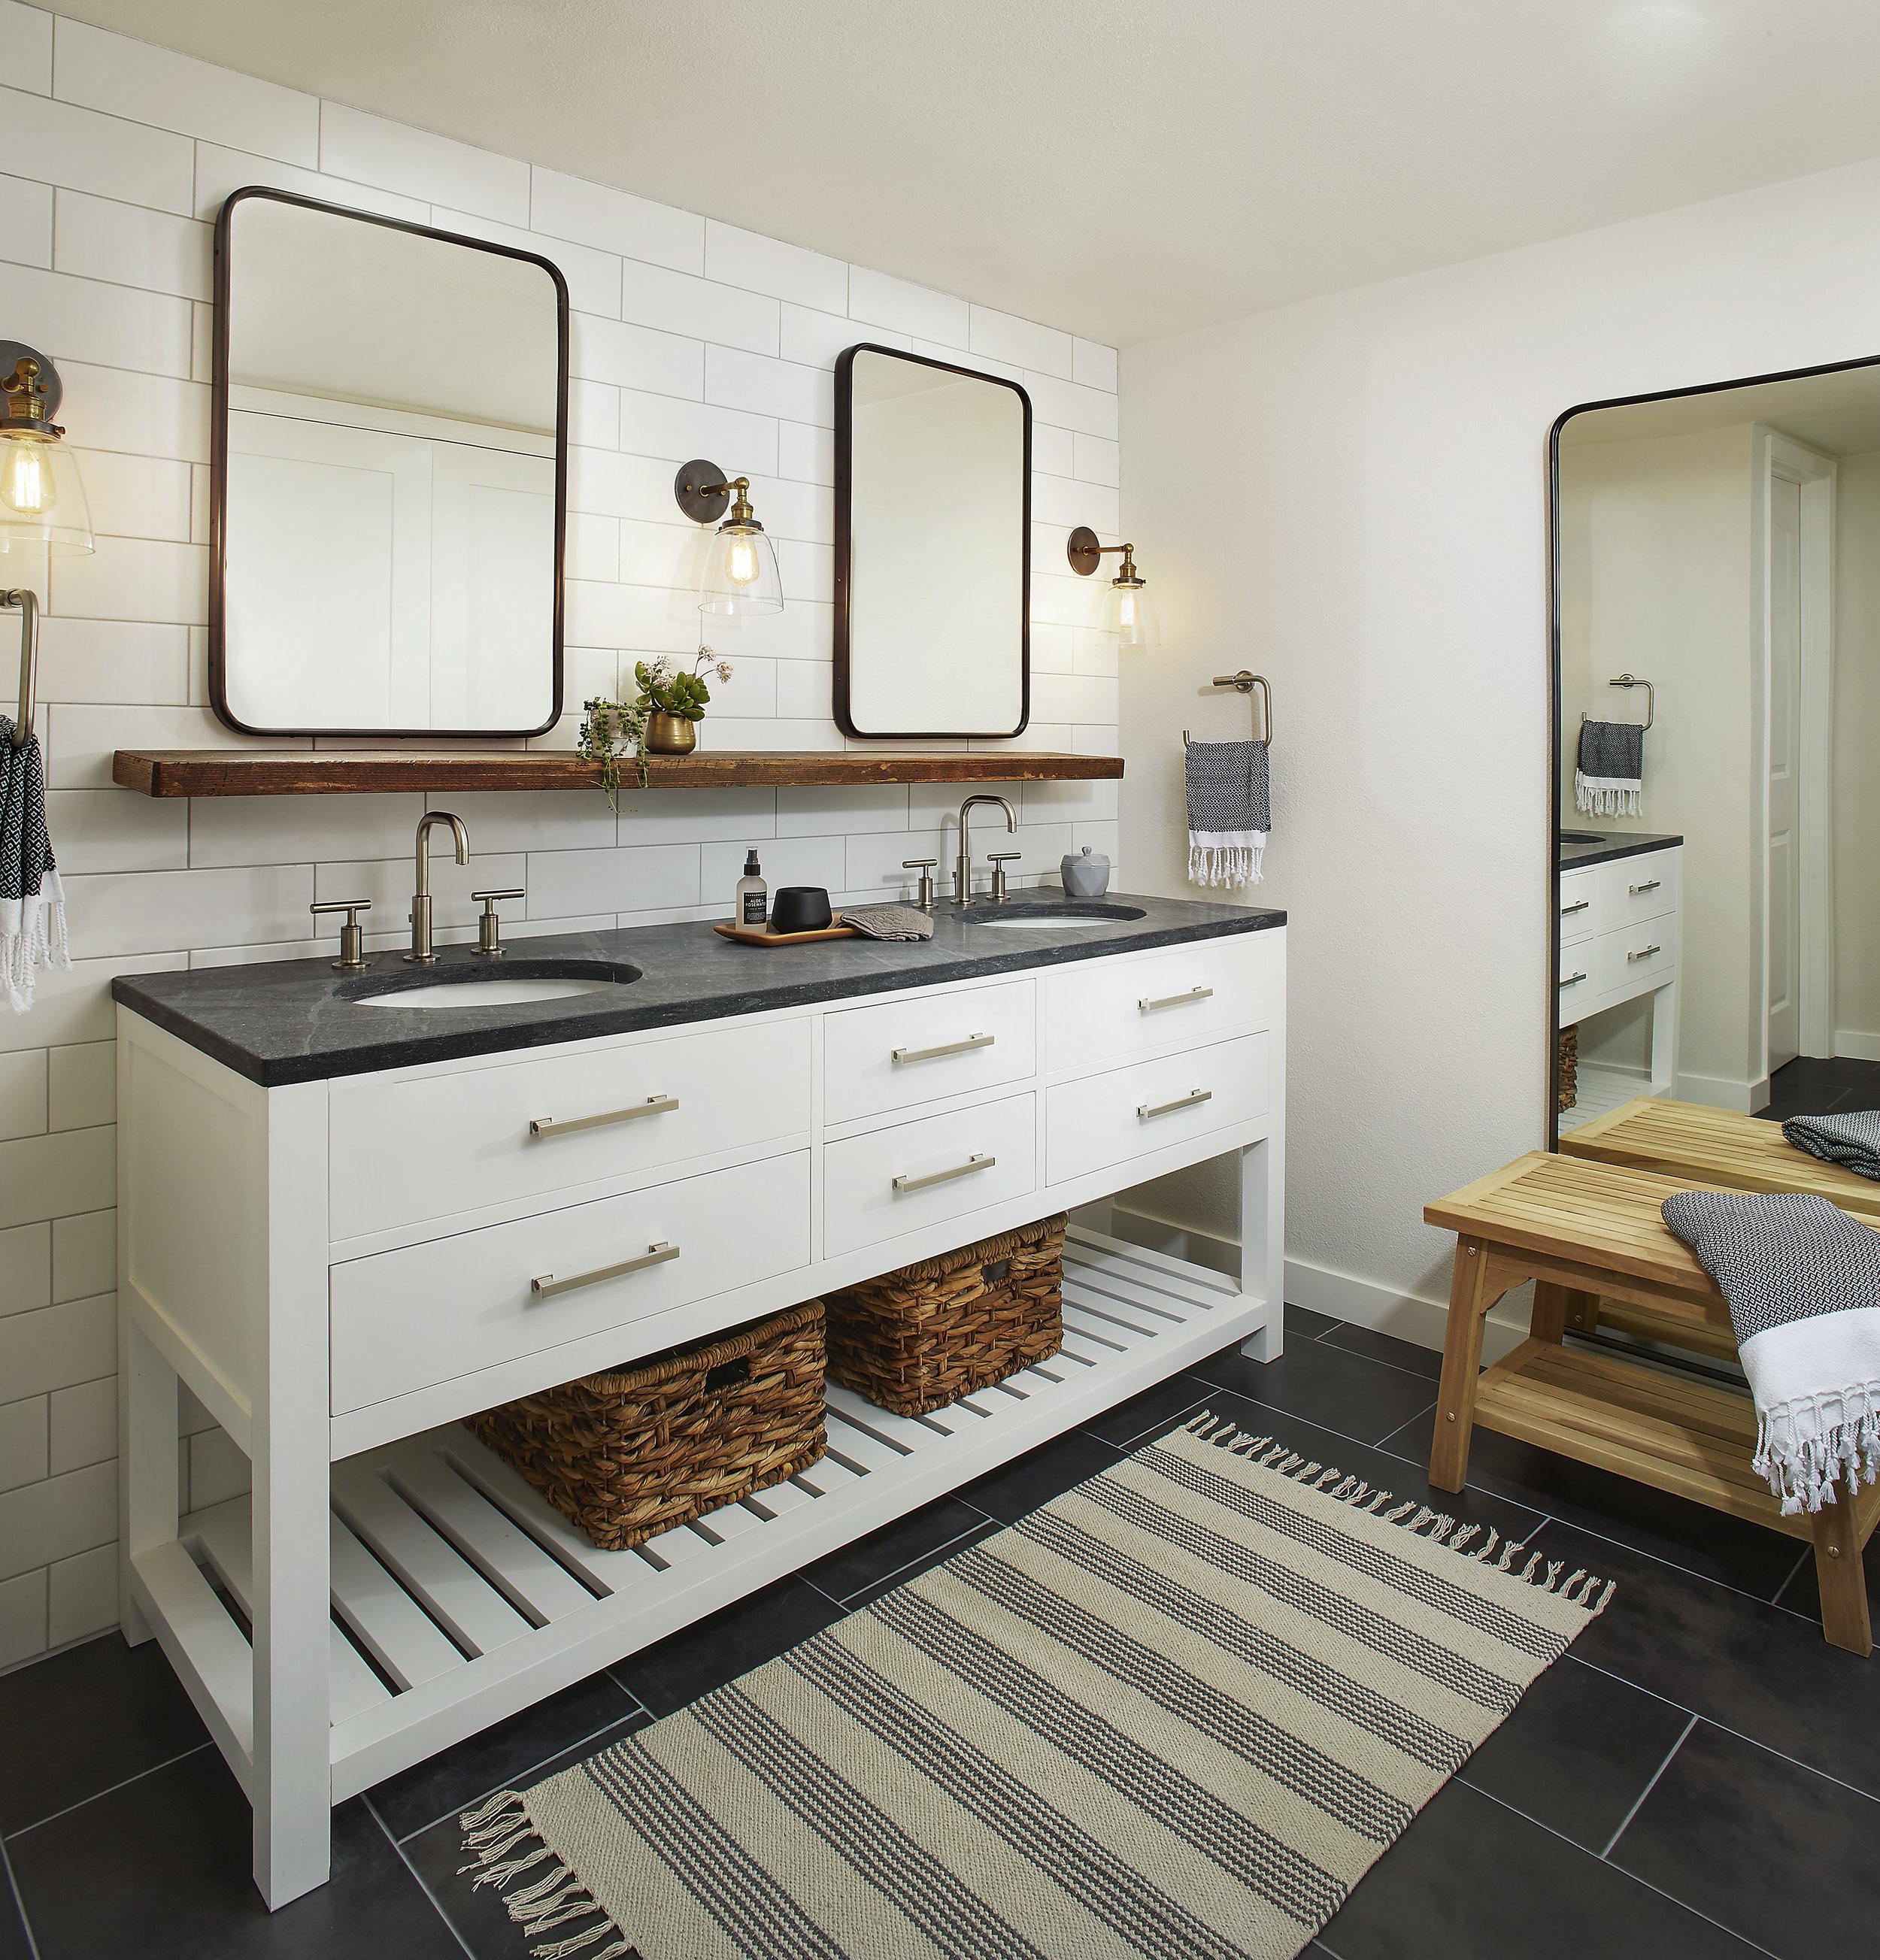 DM_BlueMount Bathroom_1xF.jpg